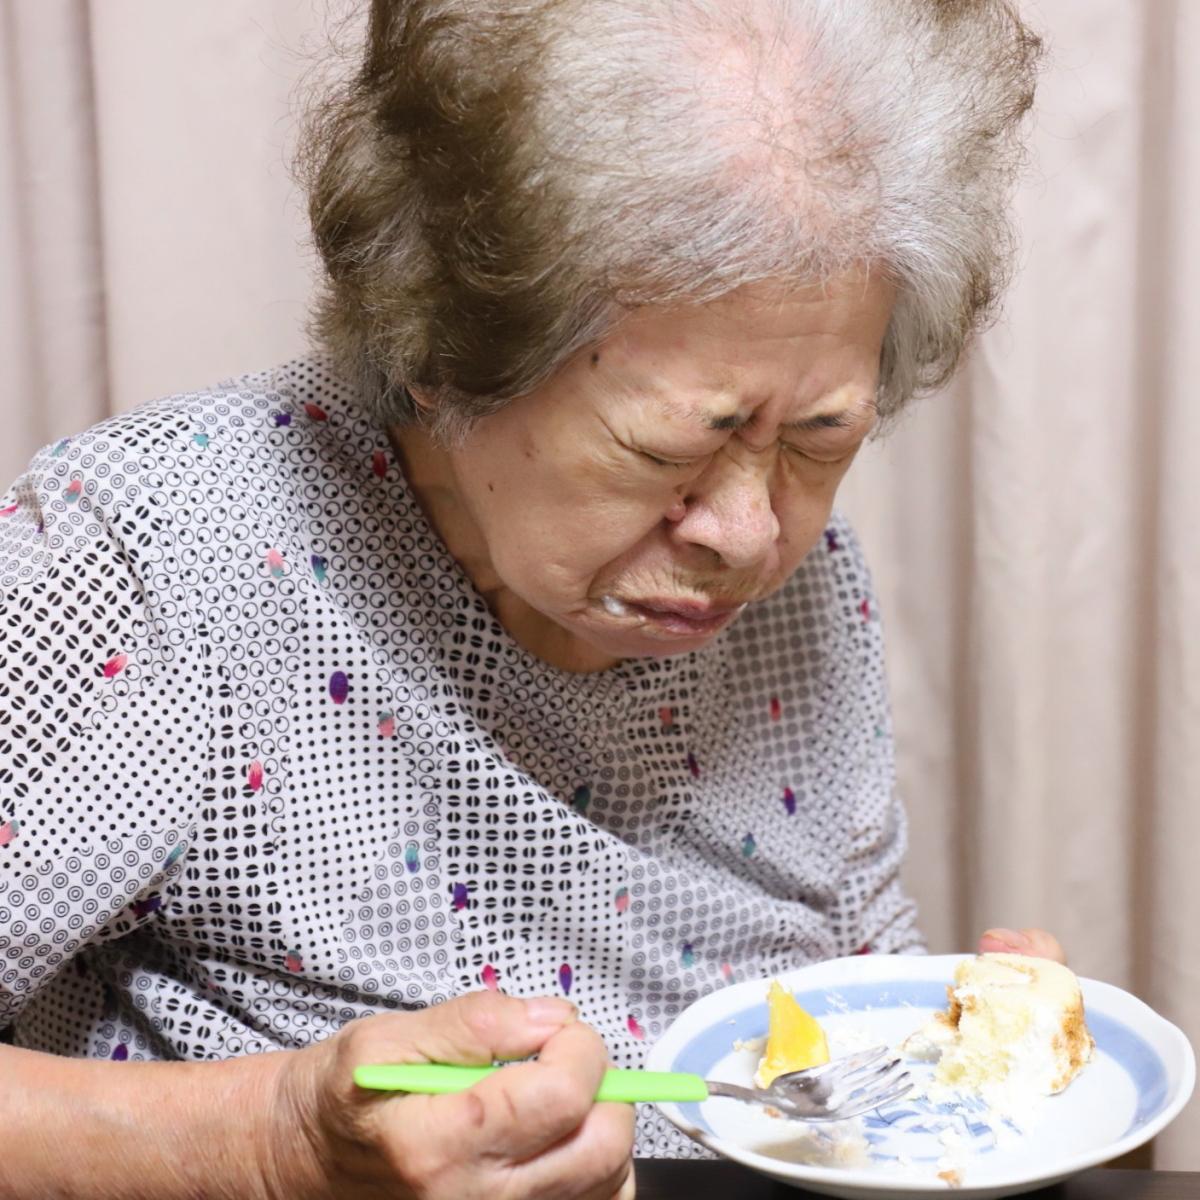 ケーキのトッピングのオレンジを食べて顔をしかめる祖母